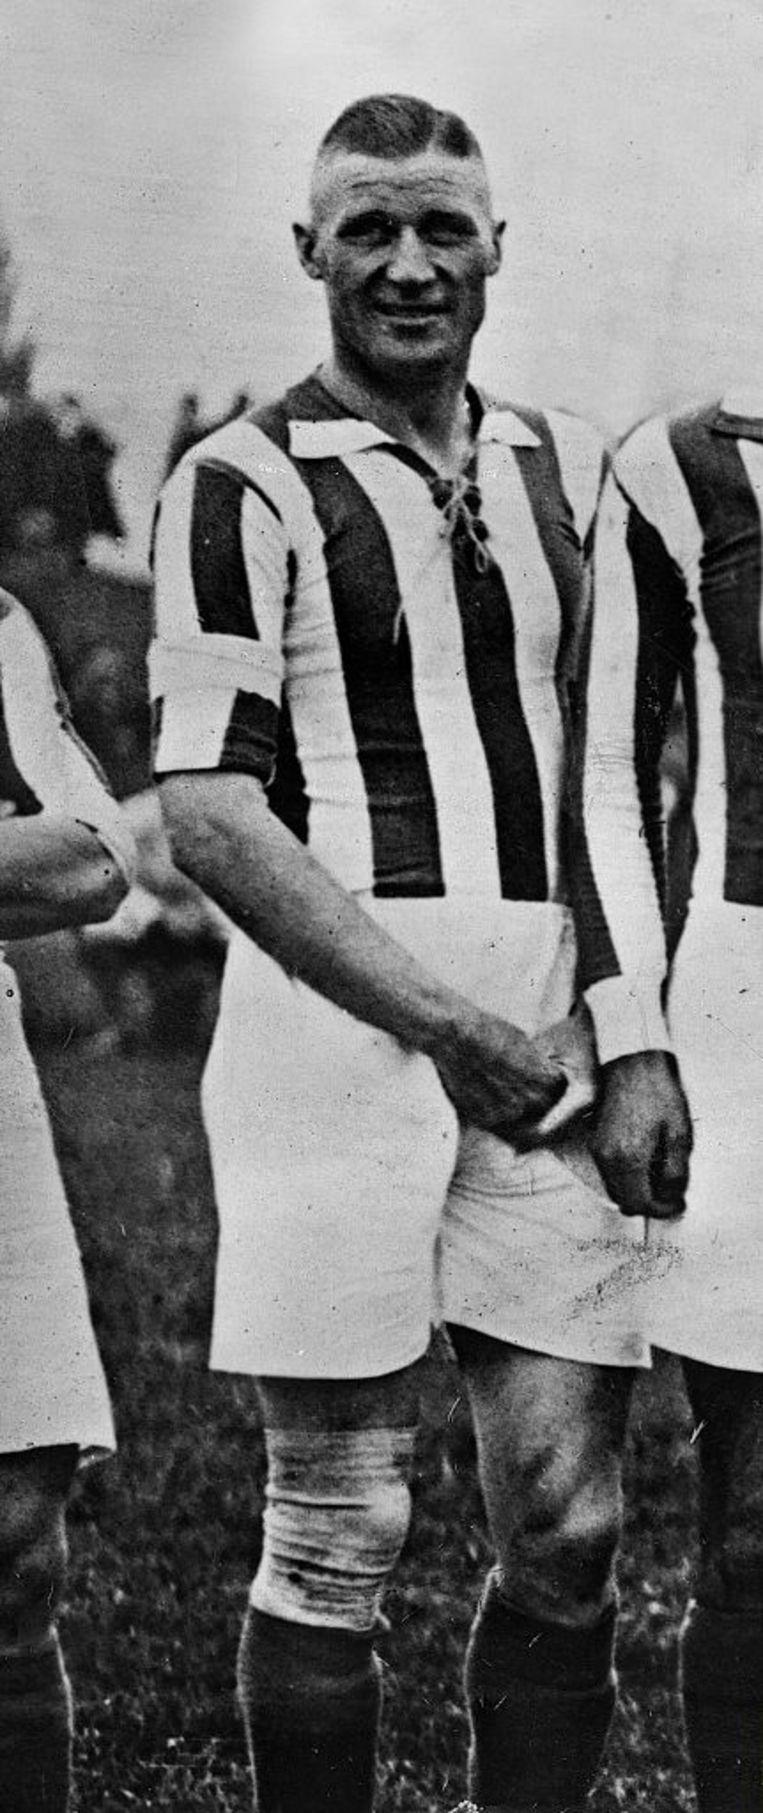 Otto (Tull) Harder, hier in 1928, de populaire voetballer die later SS'er werd in een concentratie-kamp. Beeld ullstein bild via Getty Images